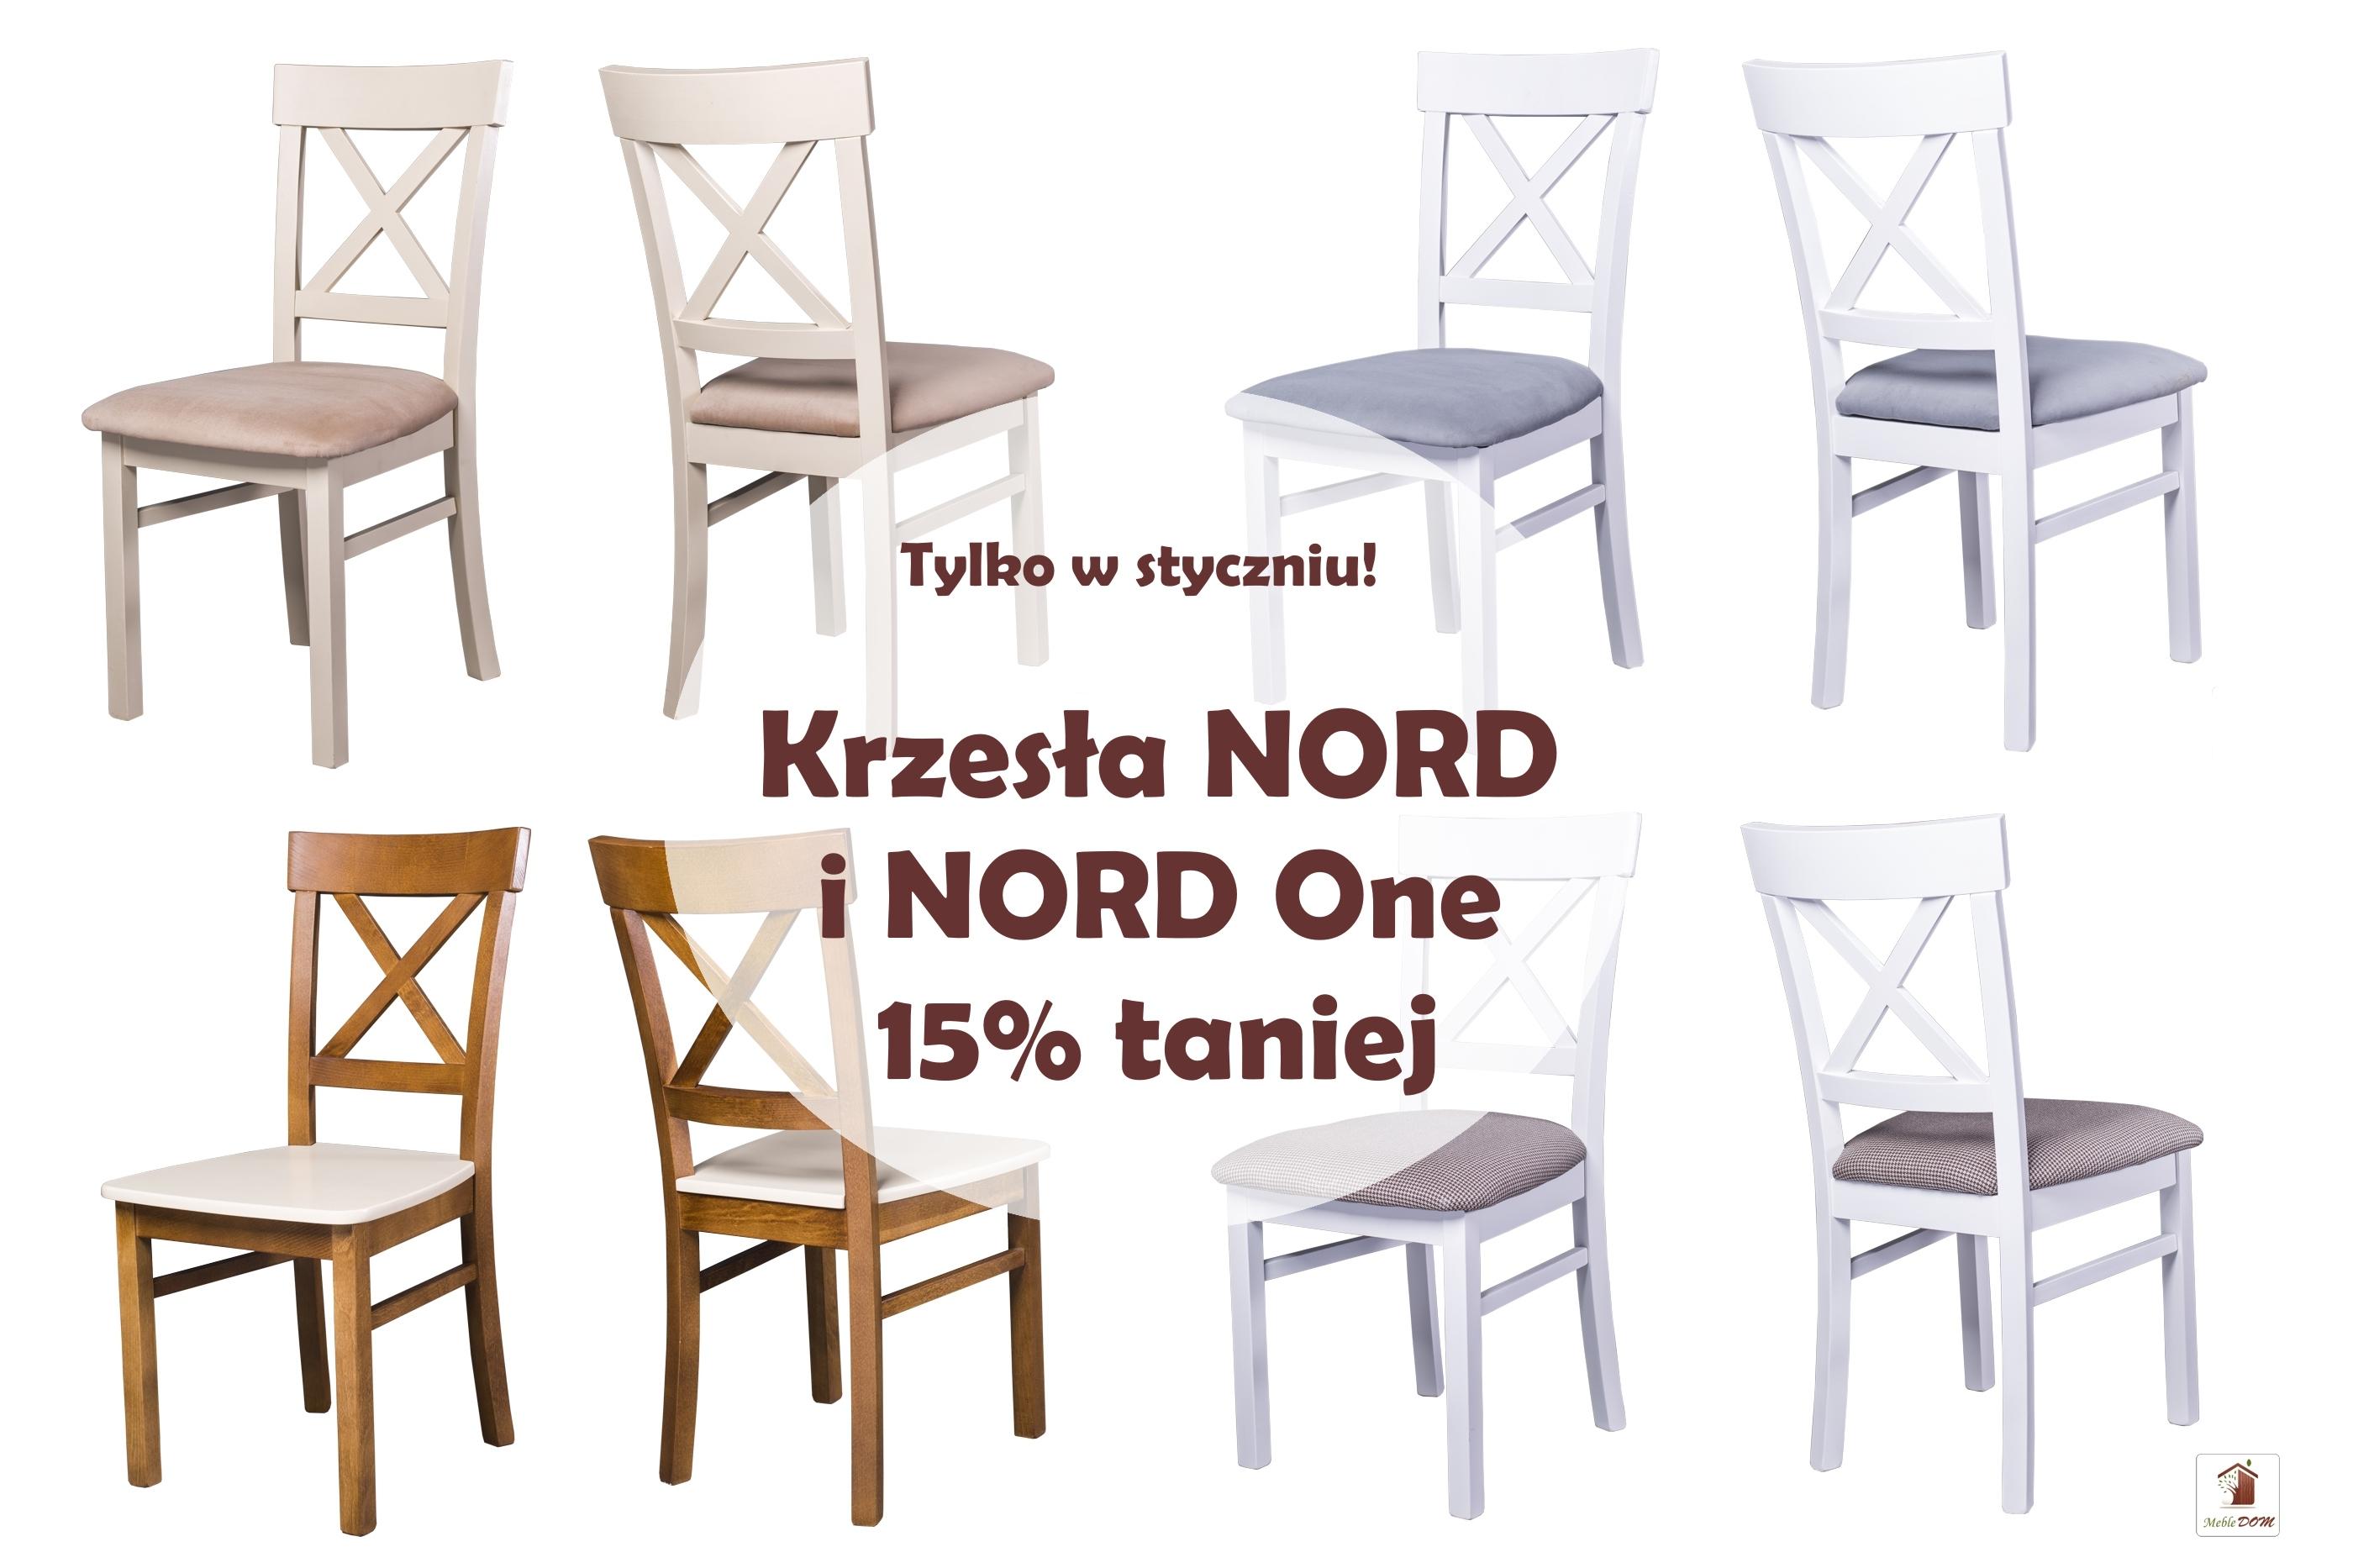 krzeslo-nord